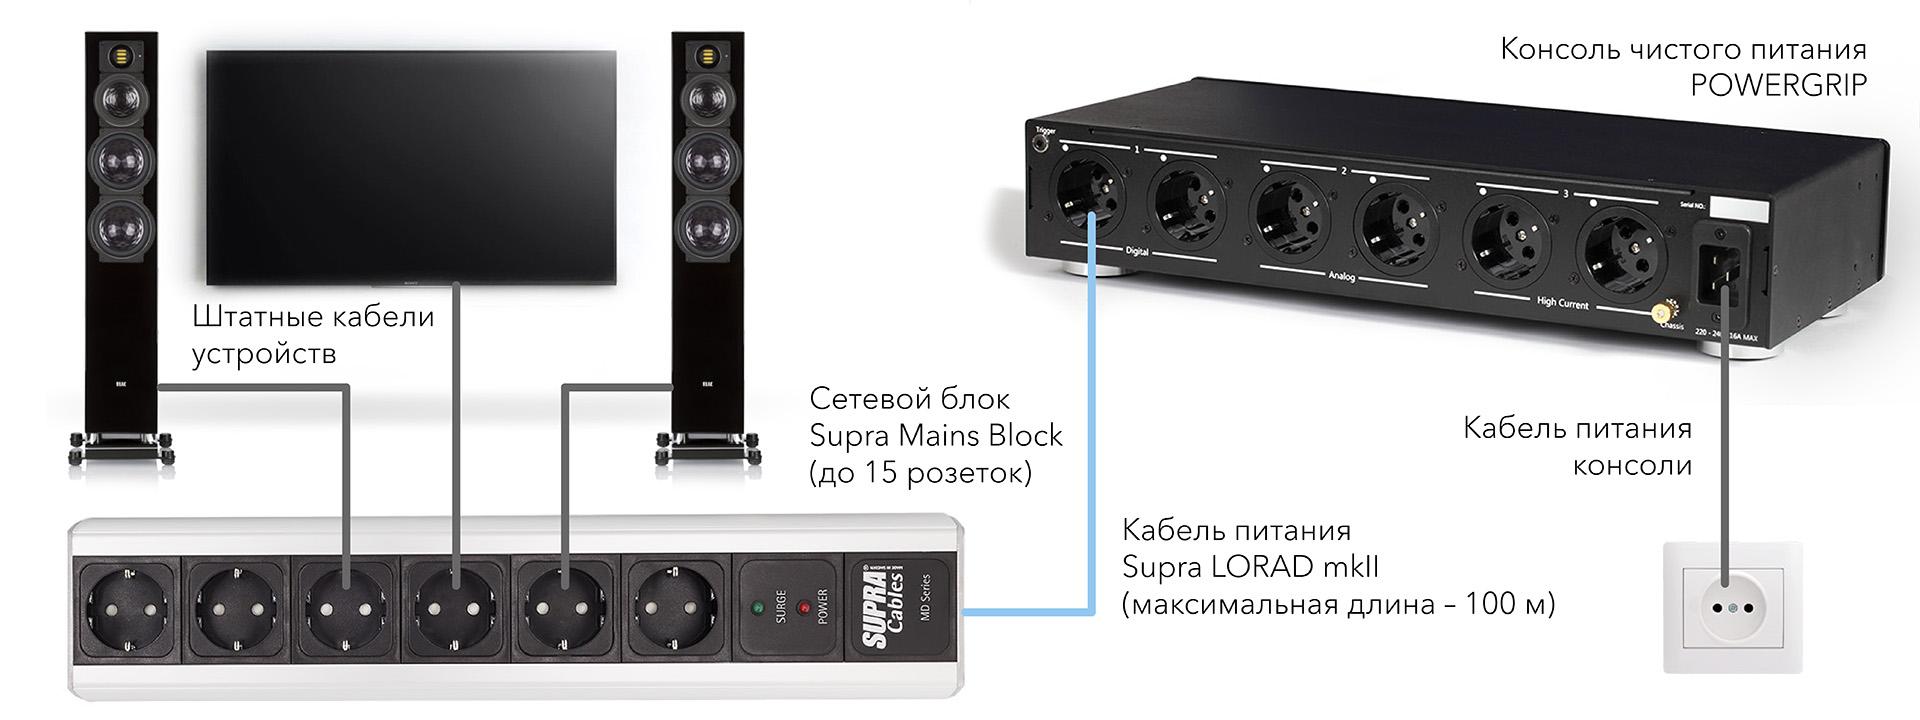 Схема подключения устройств к консоли чистого питания POWERGRIP с помощью сетевого блока Supra Mains Block